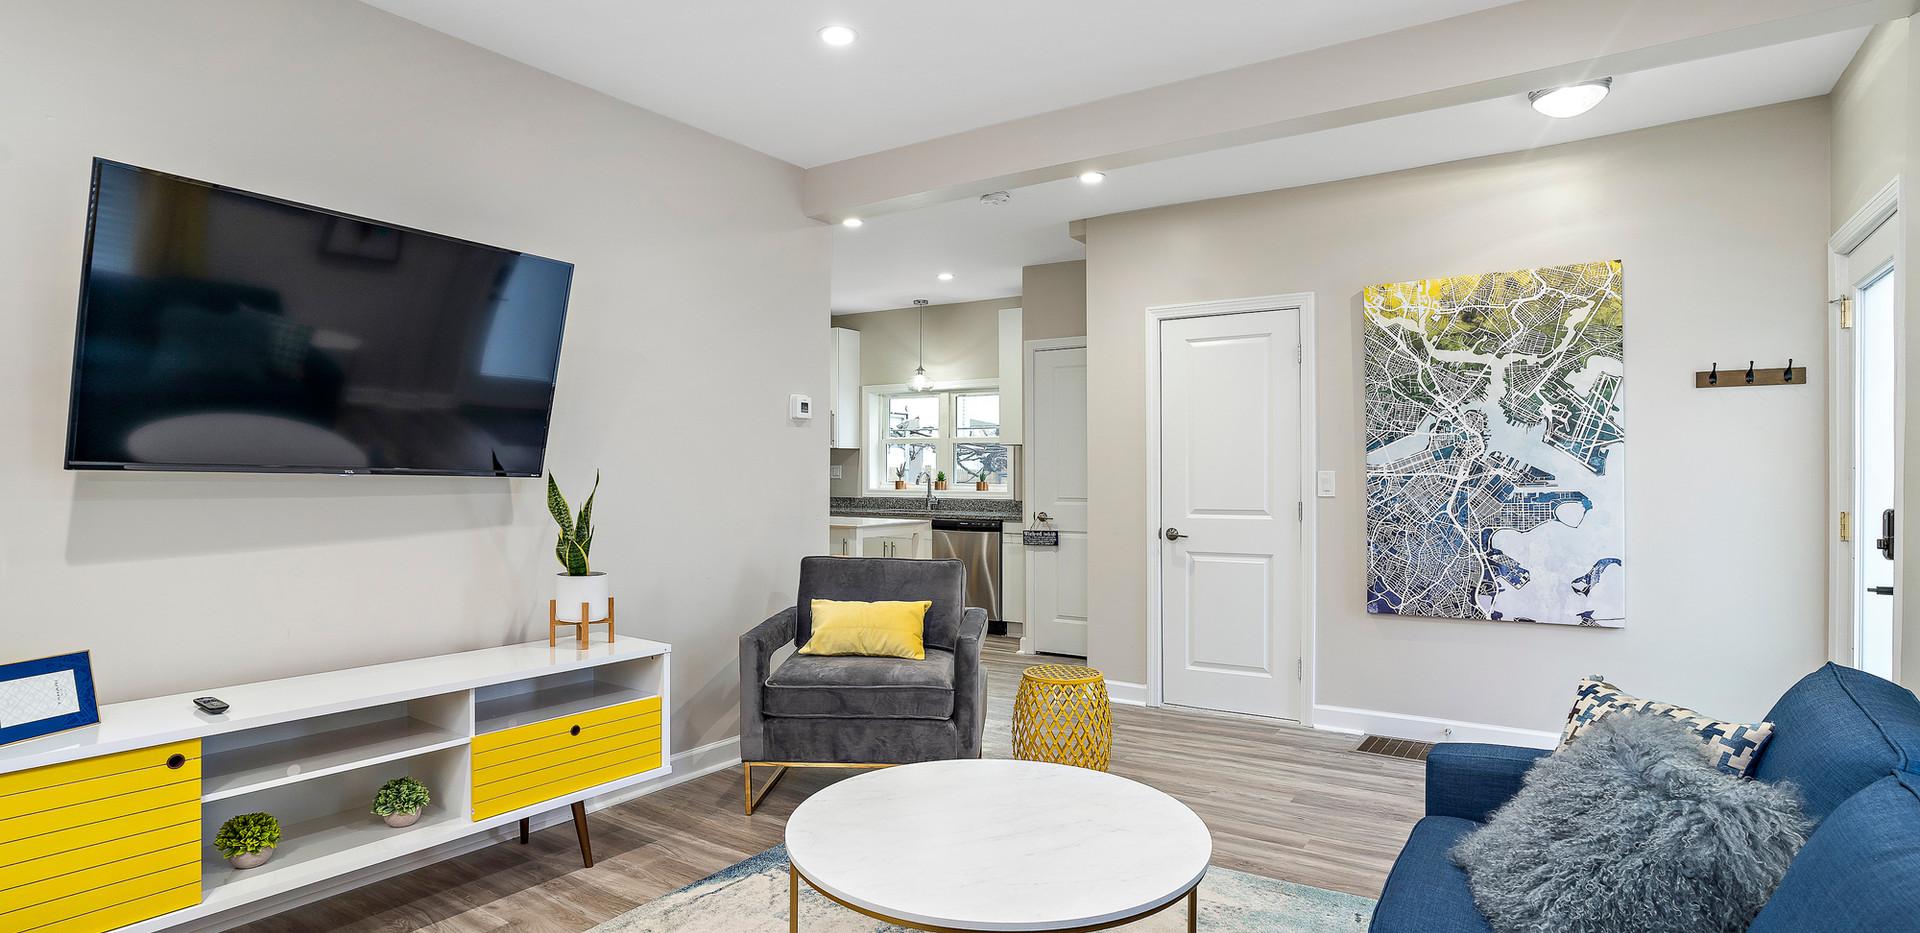 Boston, MA Luxury Airbnb